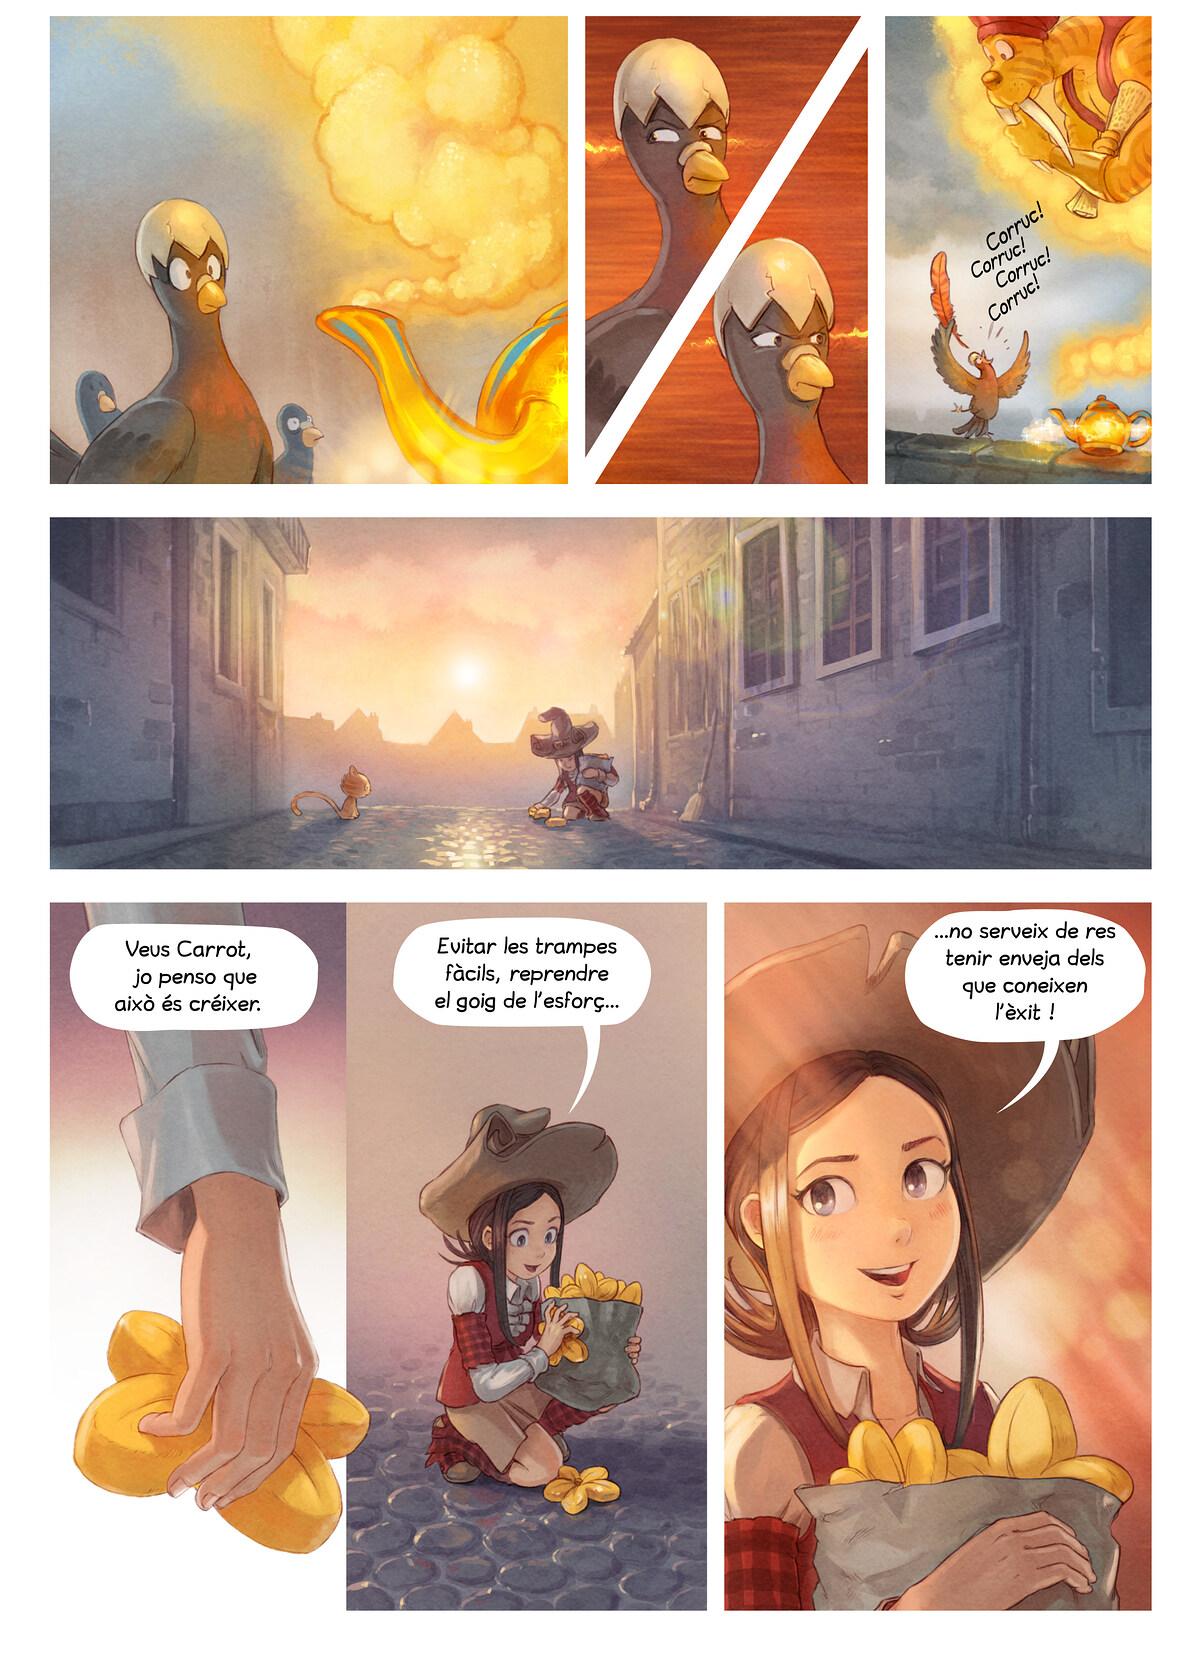 A webcomic page of Pepper&Carrot, episodi 23 [ca], pàgina 6